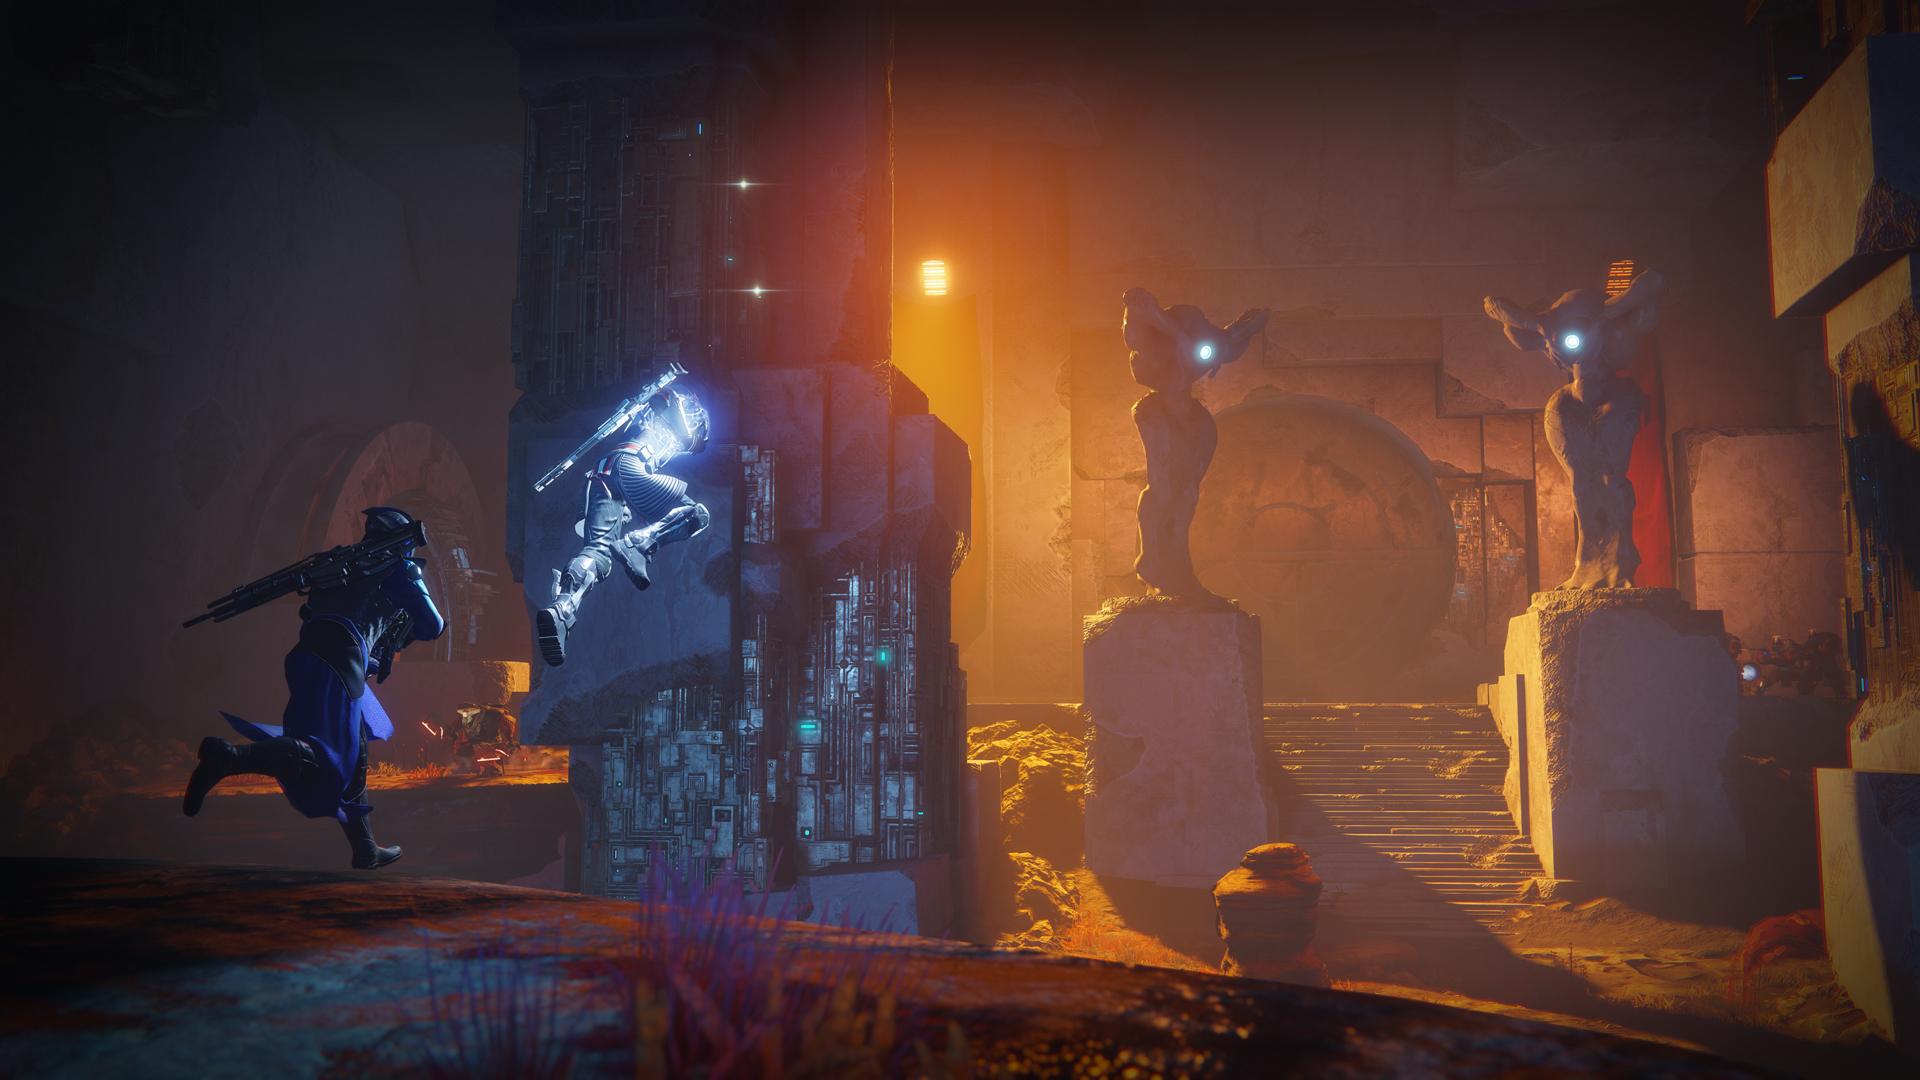 Прохождение одной из миссий дополнения Warmind для Destiny 2